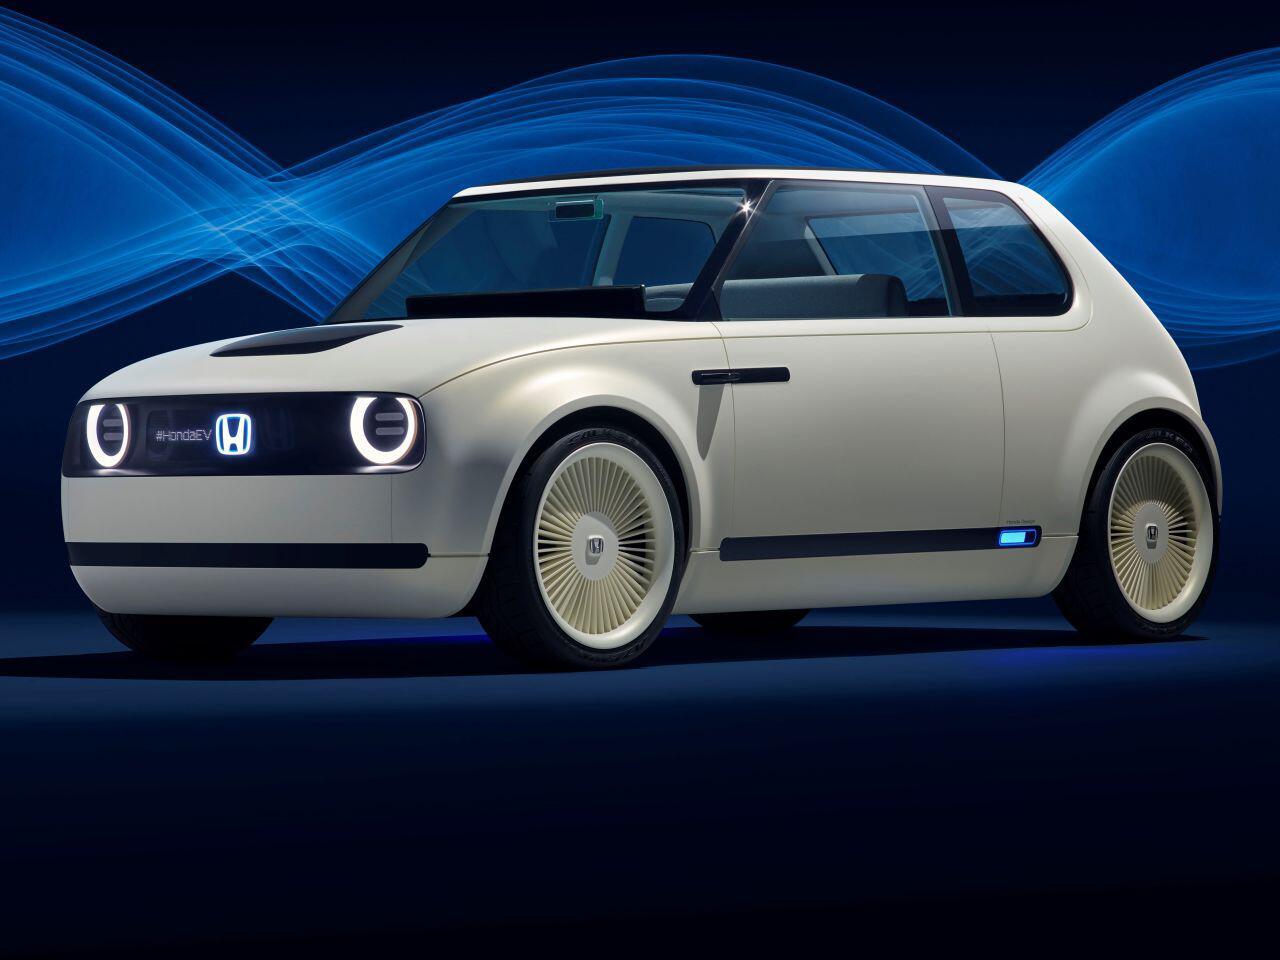 concept cars das waren die faszinierendsten studien des jahres 2017 gmx at. Black Bedroom Furniture Sets. Home Design Ideas